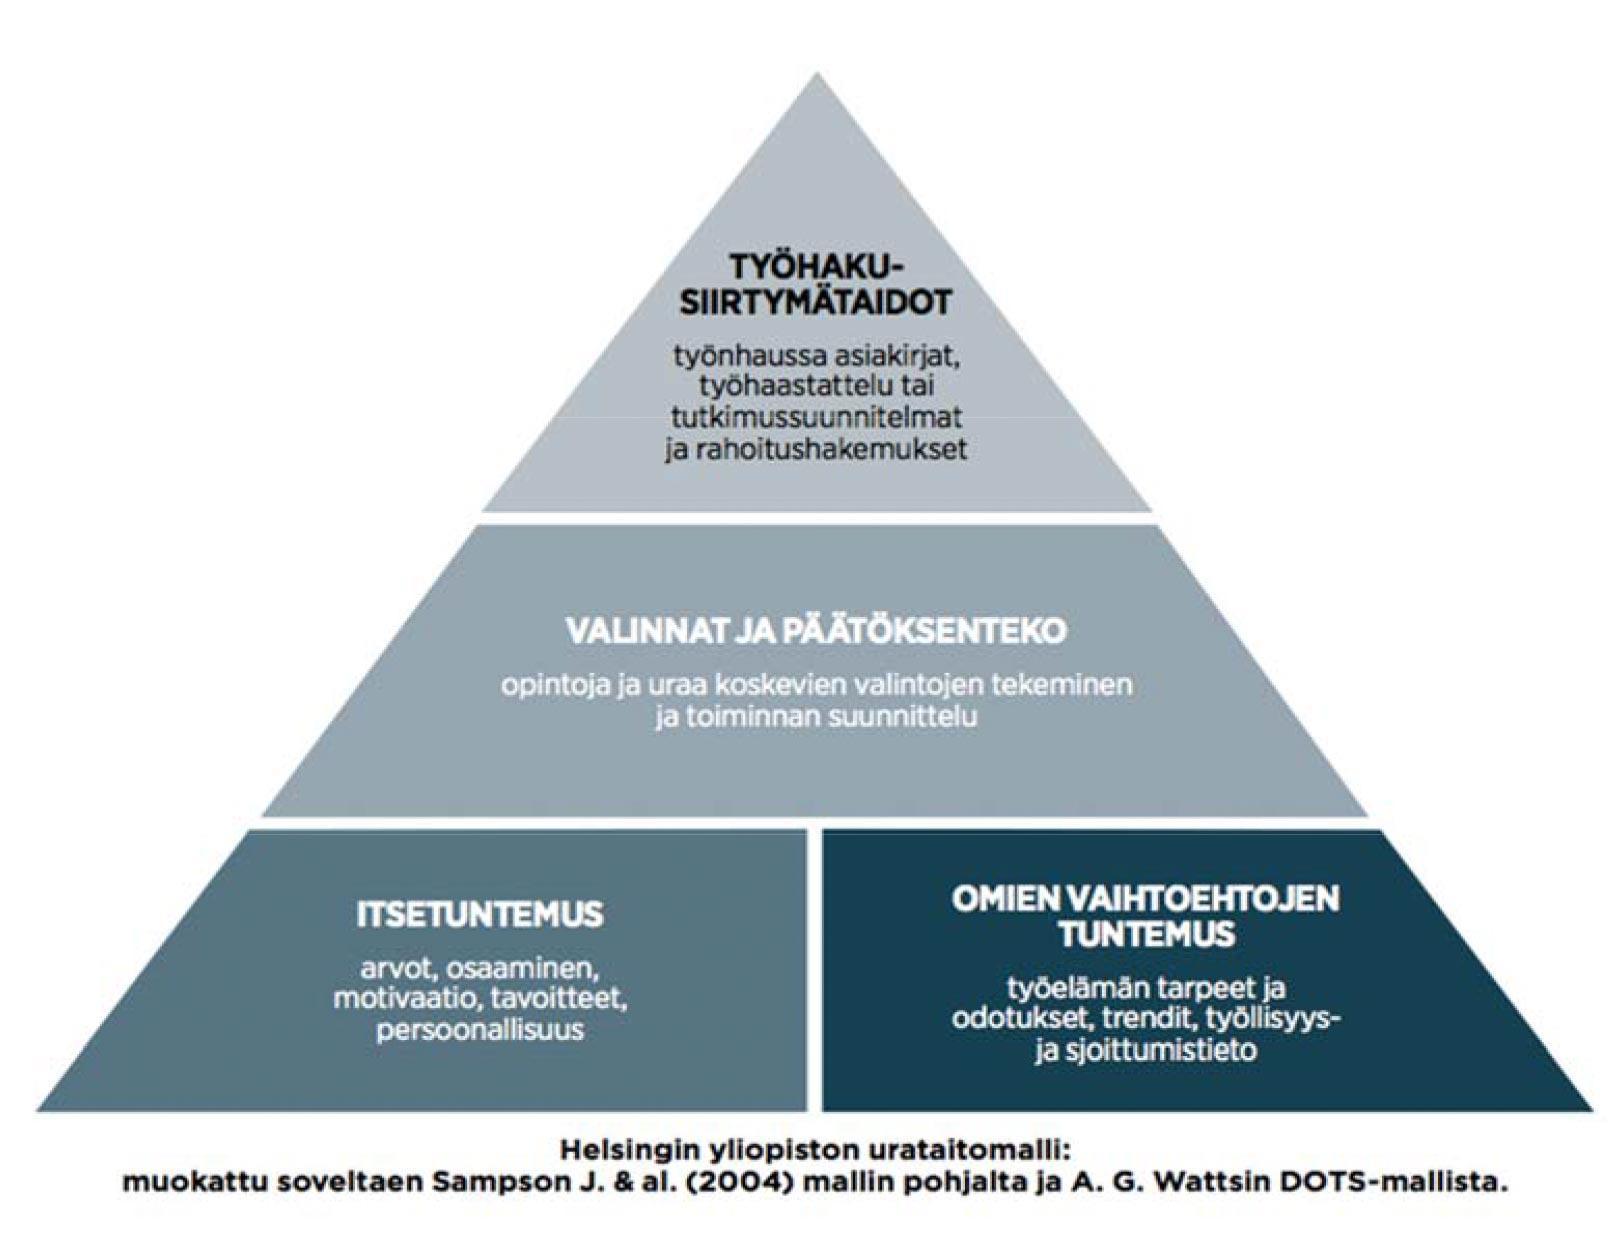 Pyramidimalli, joka osoittaa urasuunnittelun pohjana olevat asiat